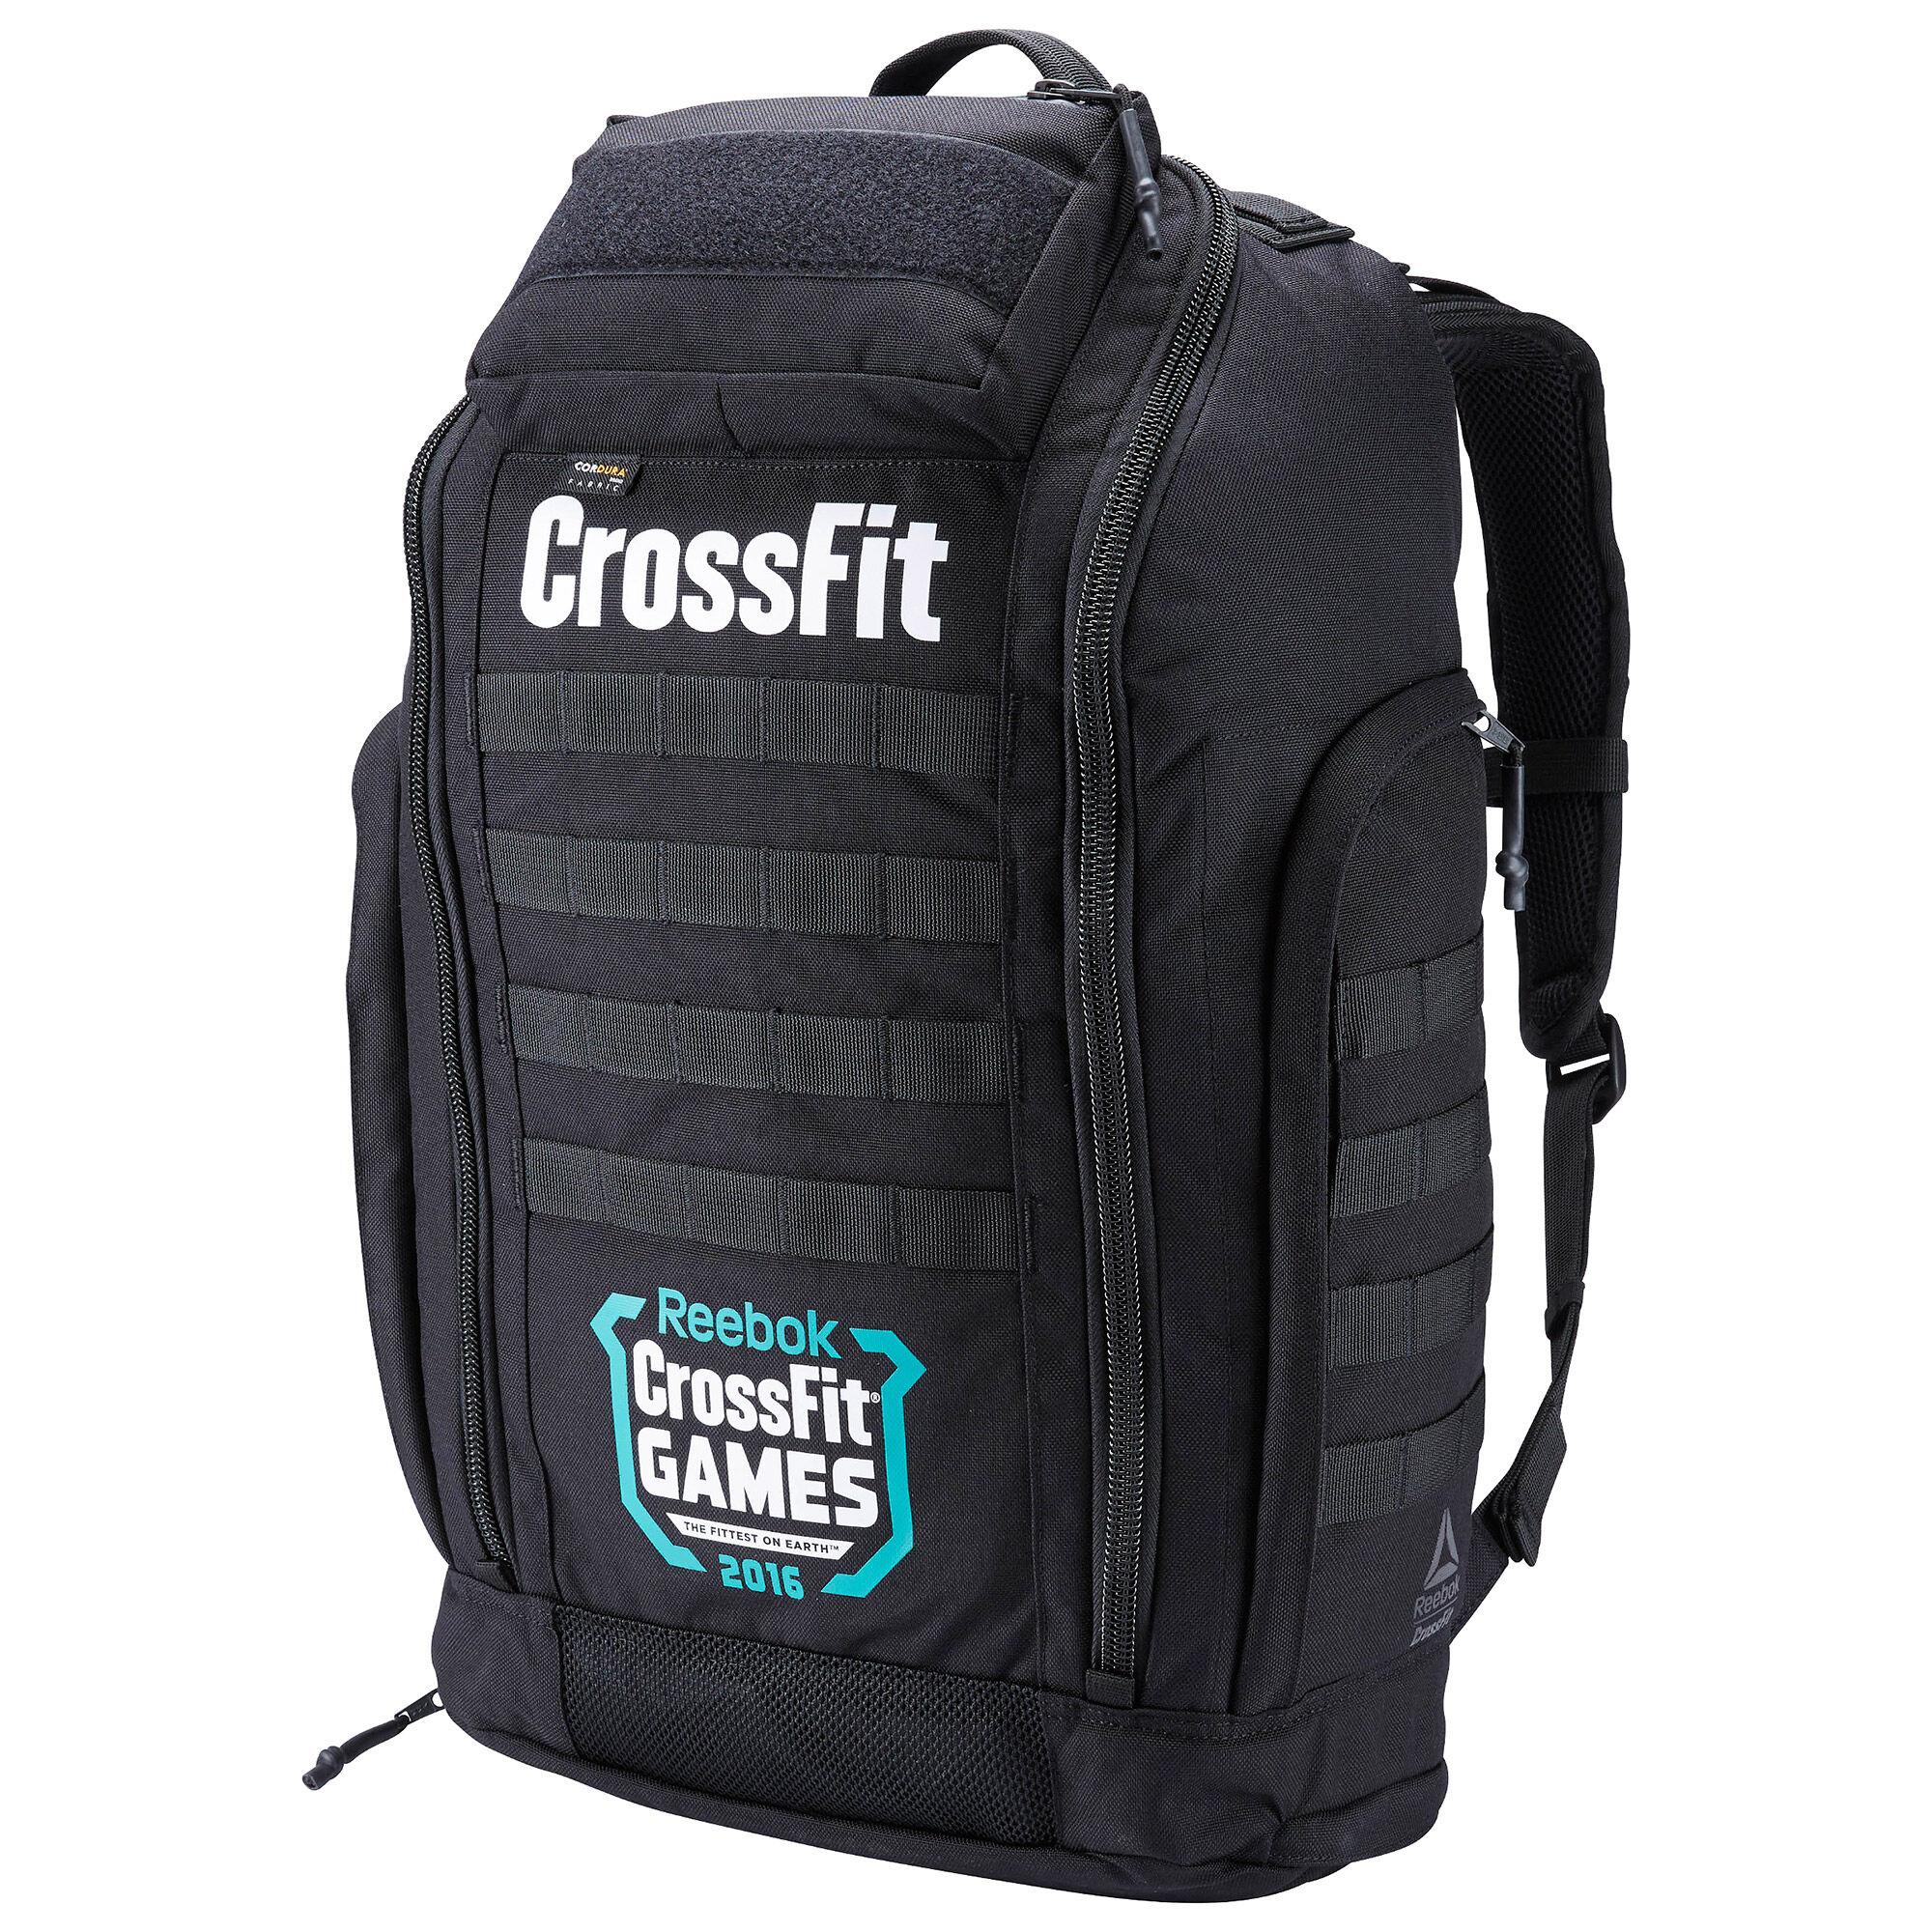 Reebok Gray & Black Unisex Backpack - Buy Reebok Gray ...  |Reebok Backpack